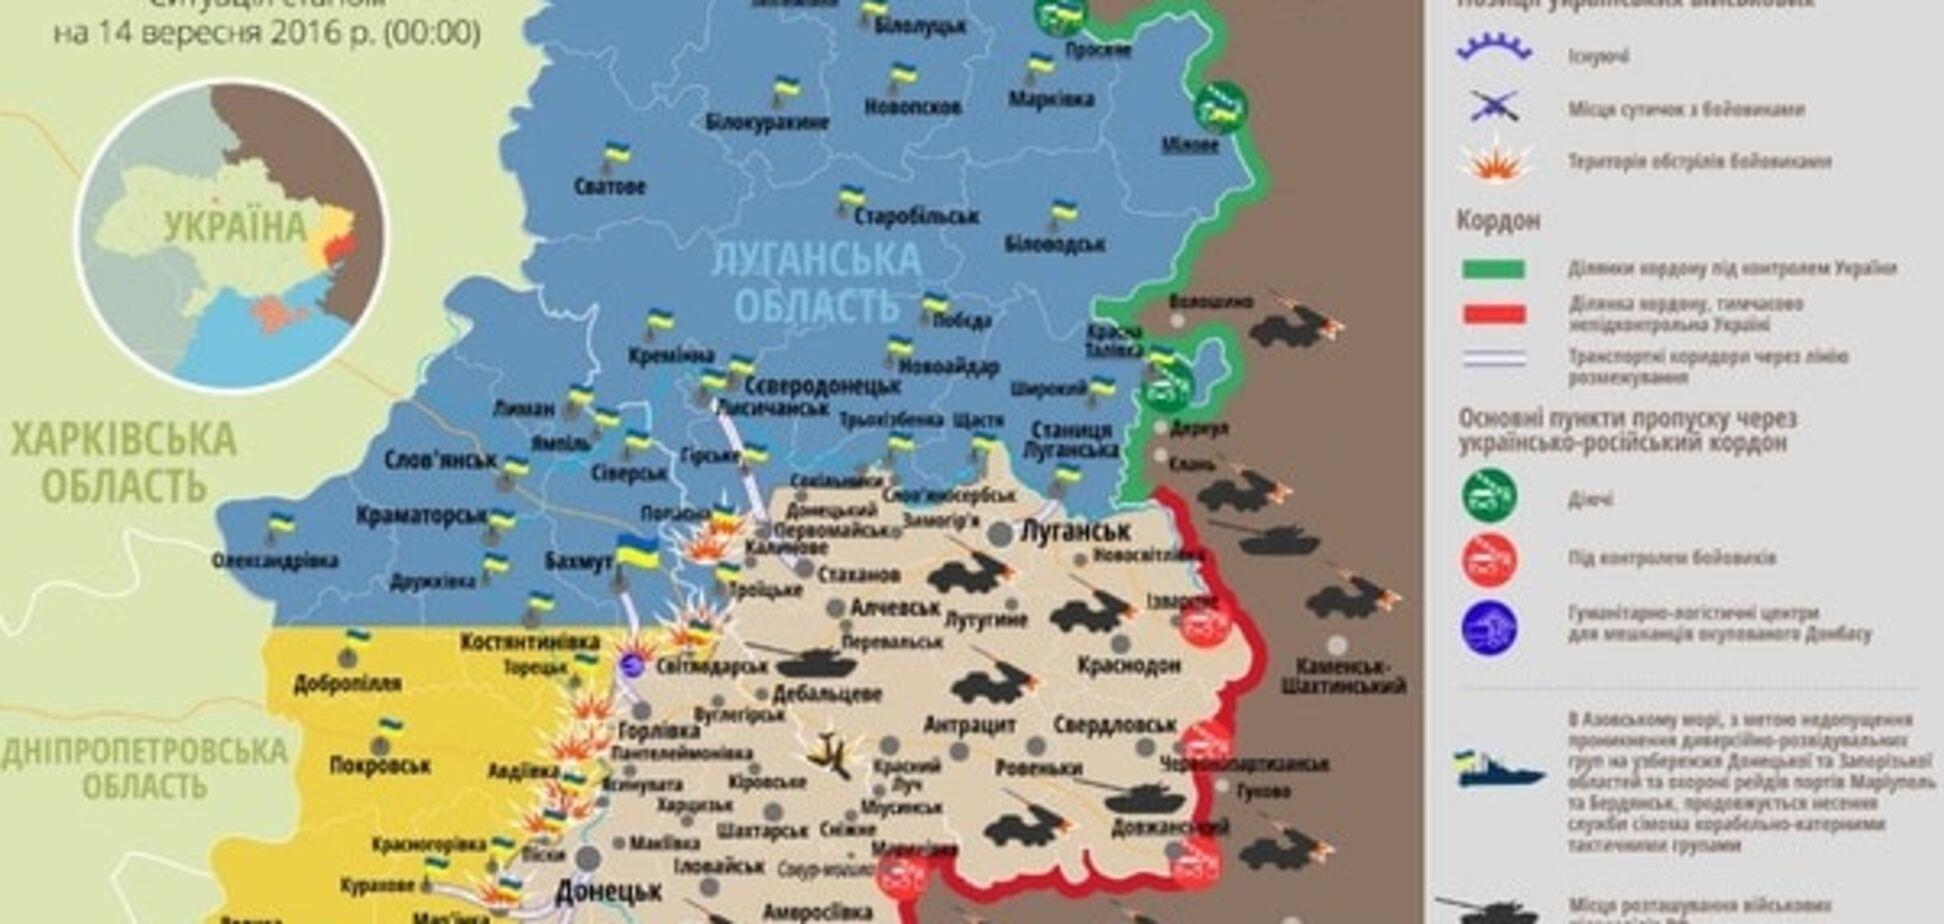 Украинские бойцы понесли потери на Донбассе: опубликована карта АТО